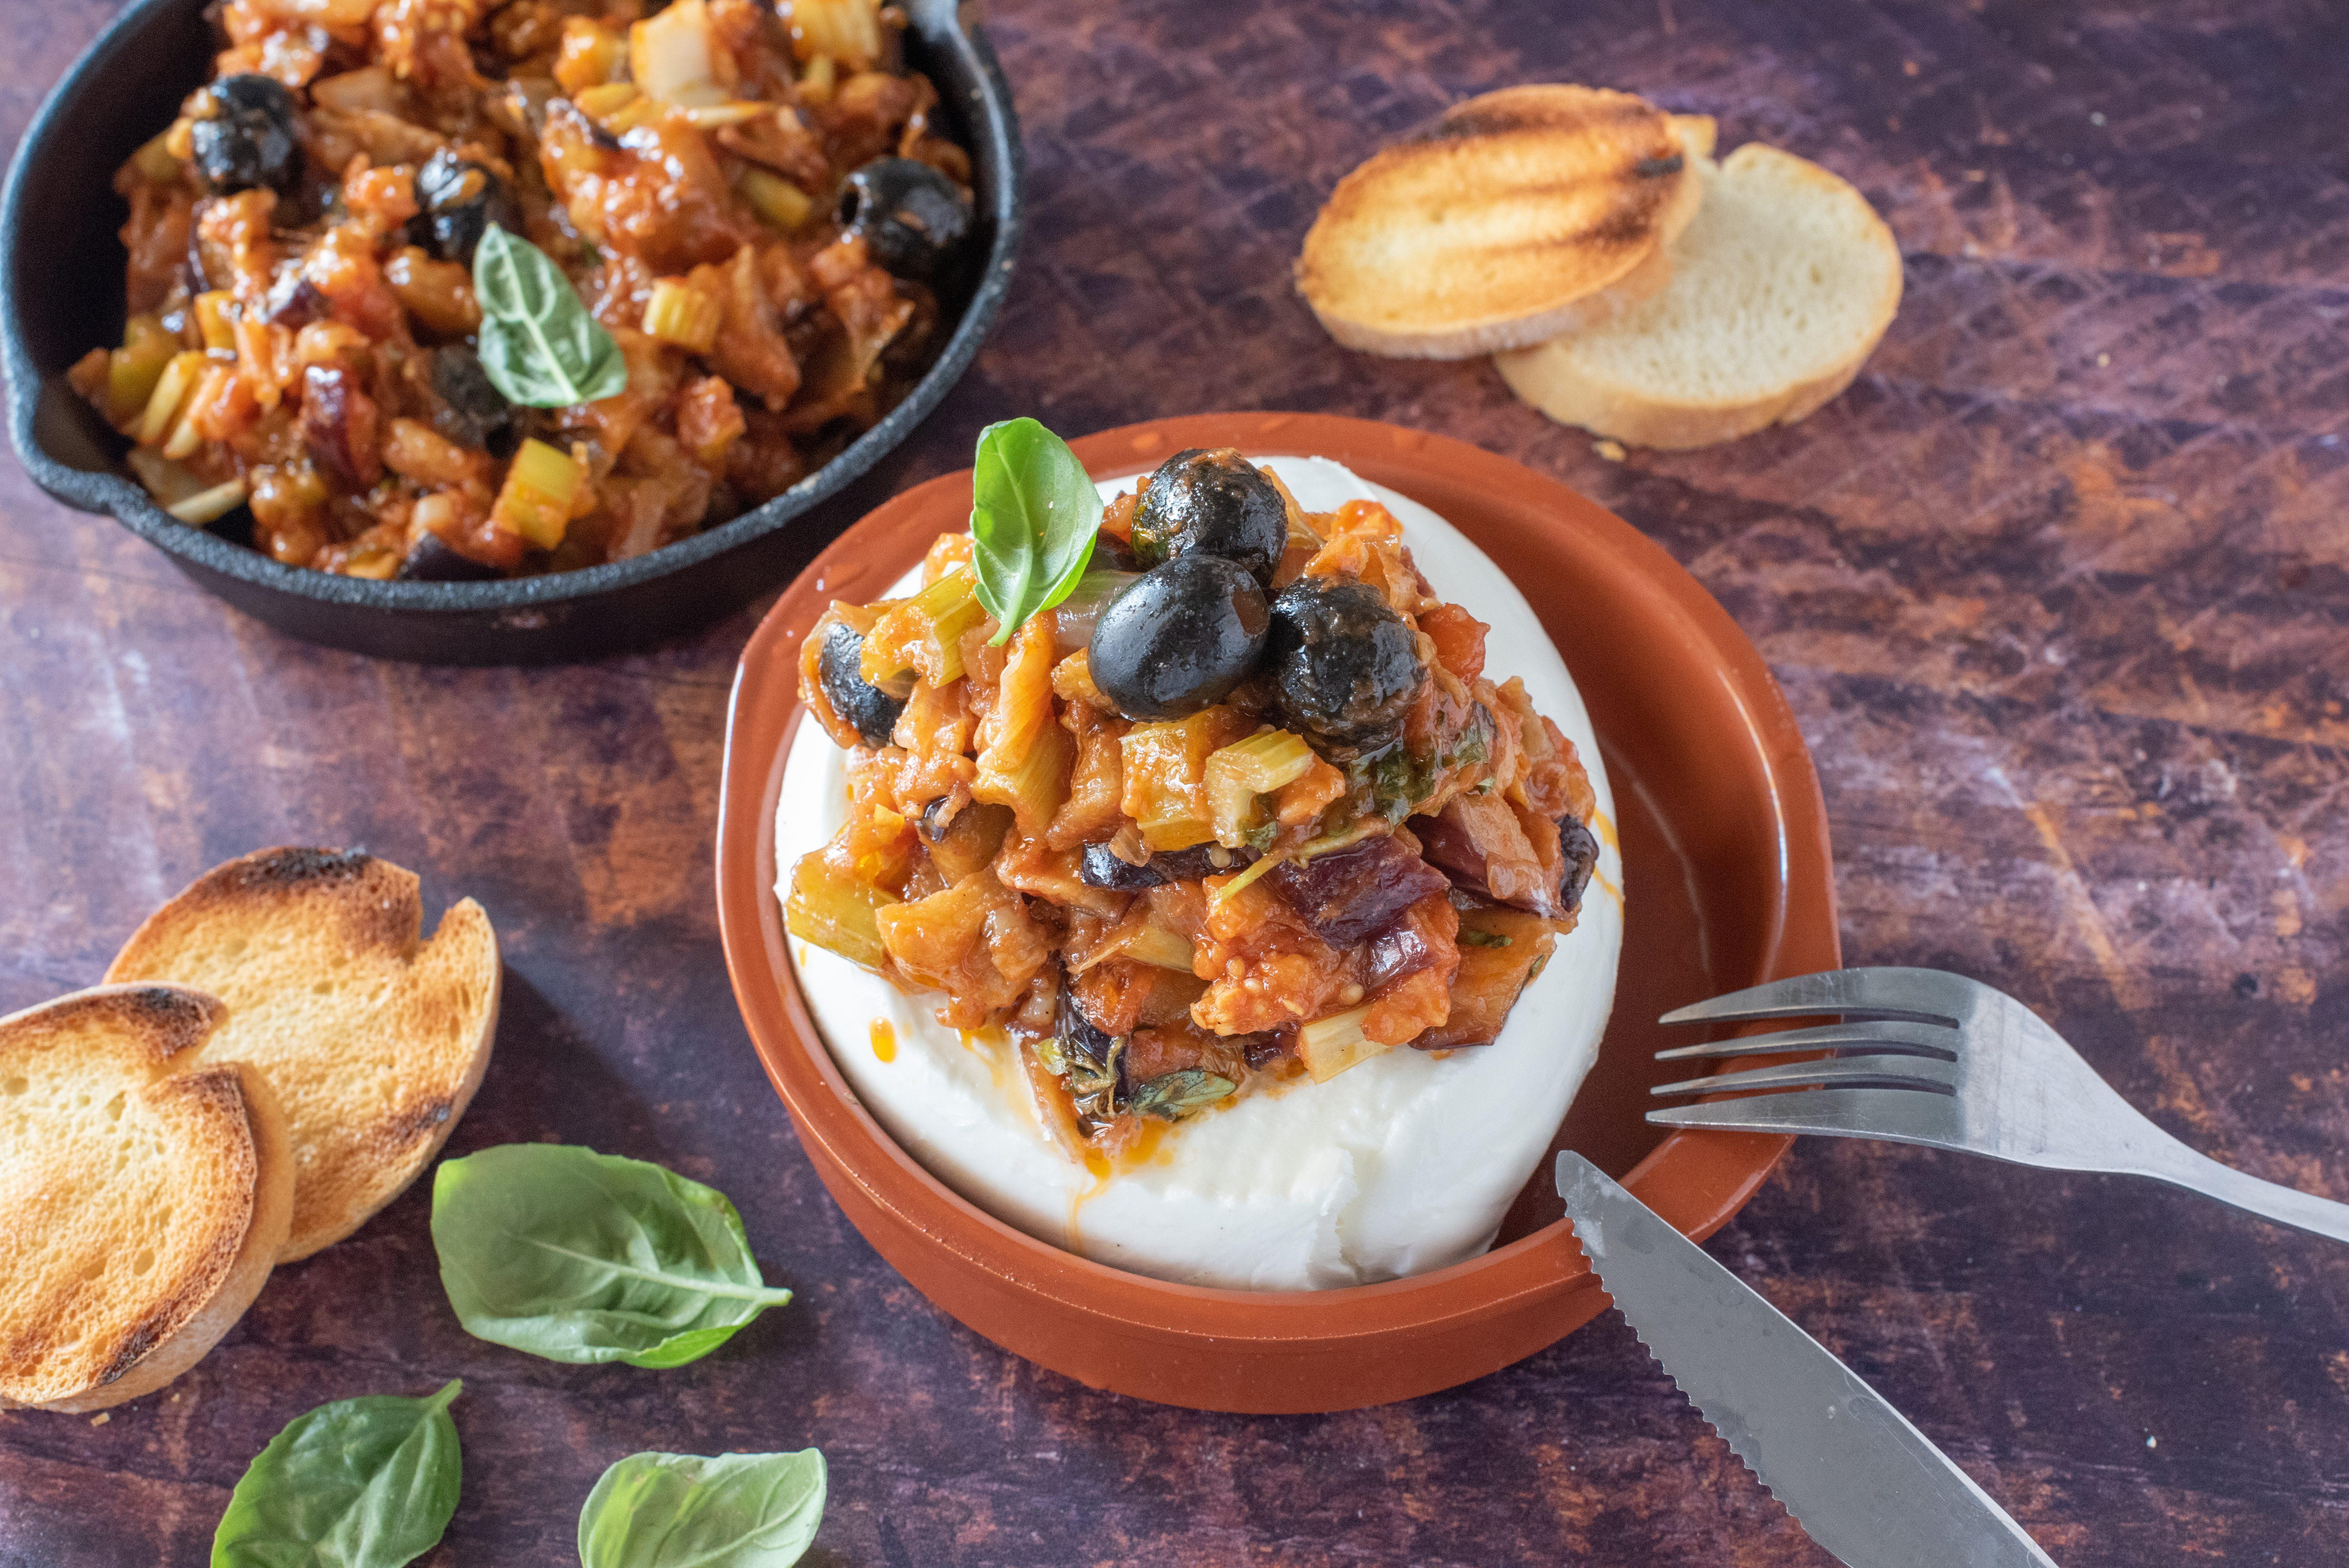 Mozzarella ripiena di caponata: la ricetta del piatto godurioso e sorprendente